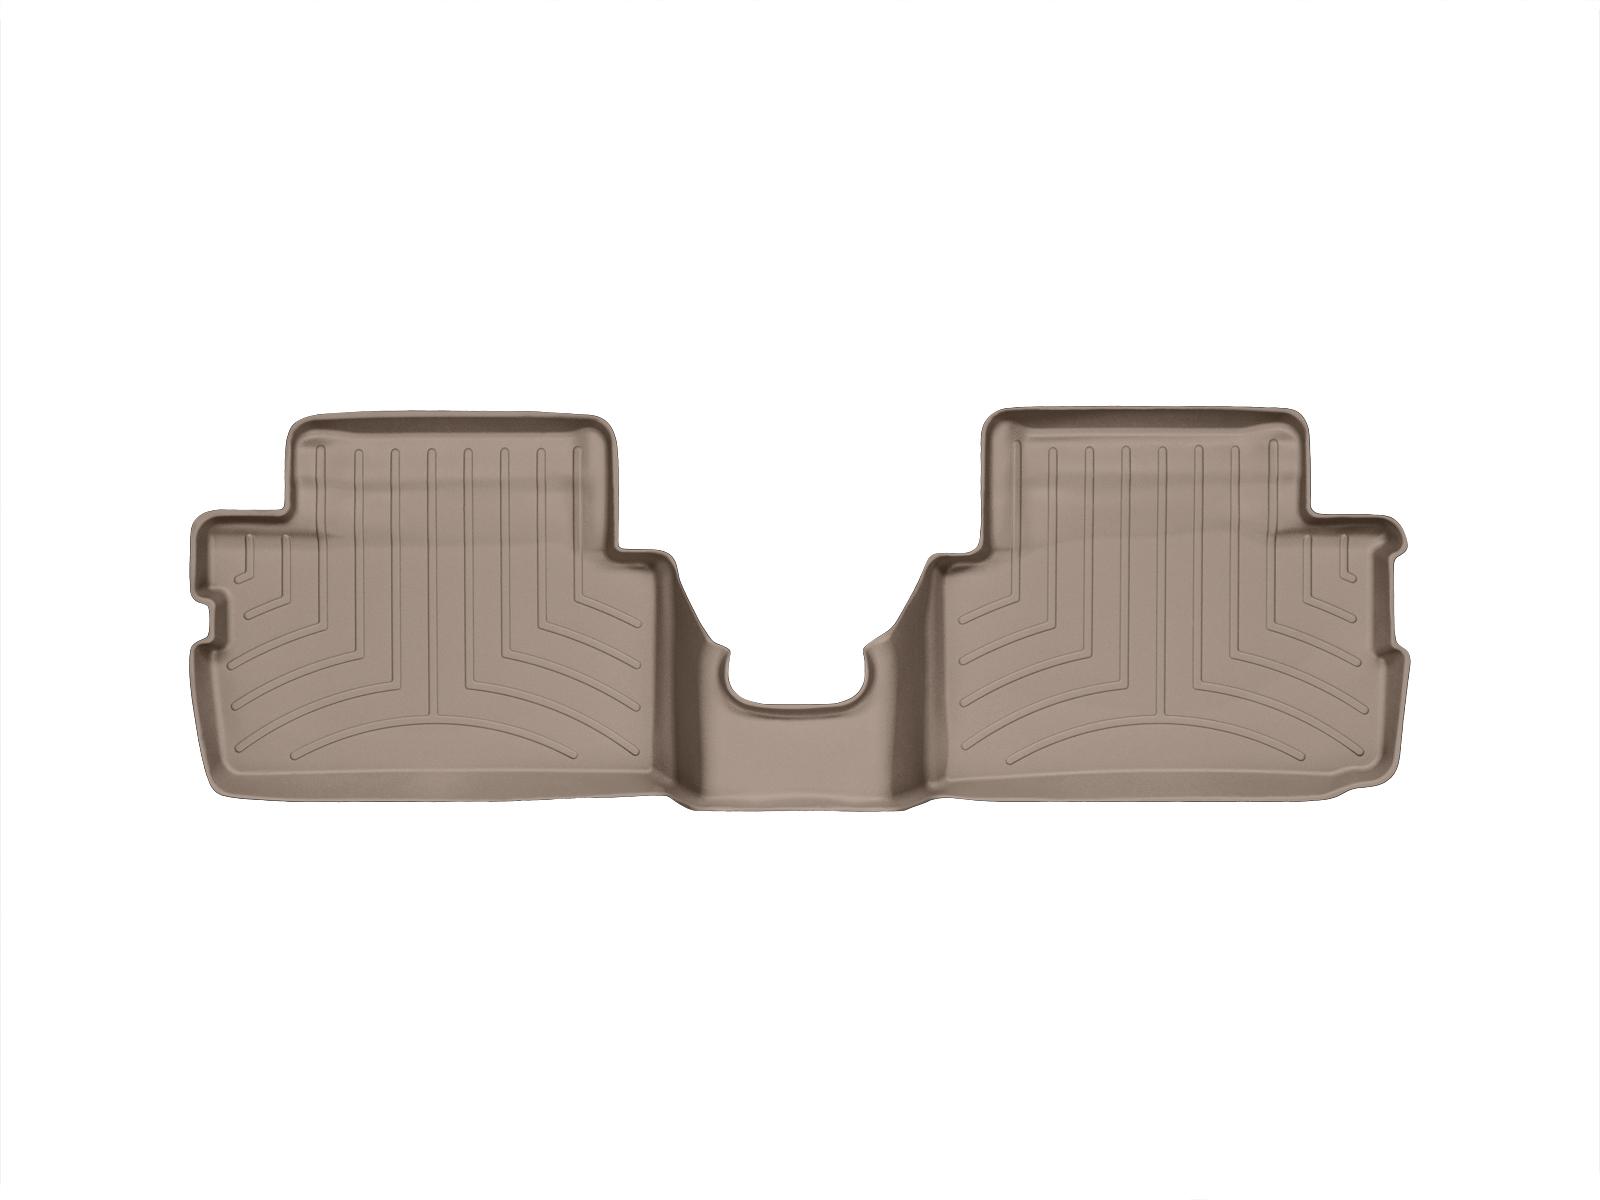 Tappeti gomma su misura bordo alto MINI Clubman 07>14 Marrone A2640*